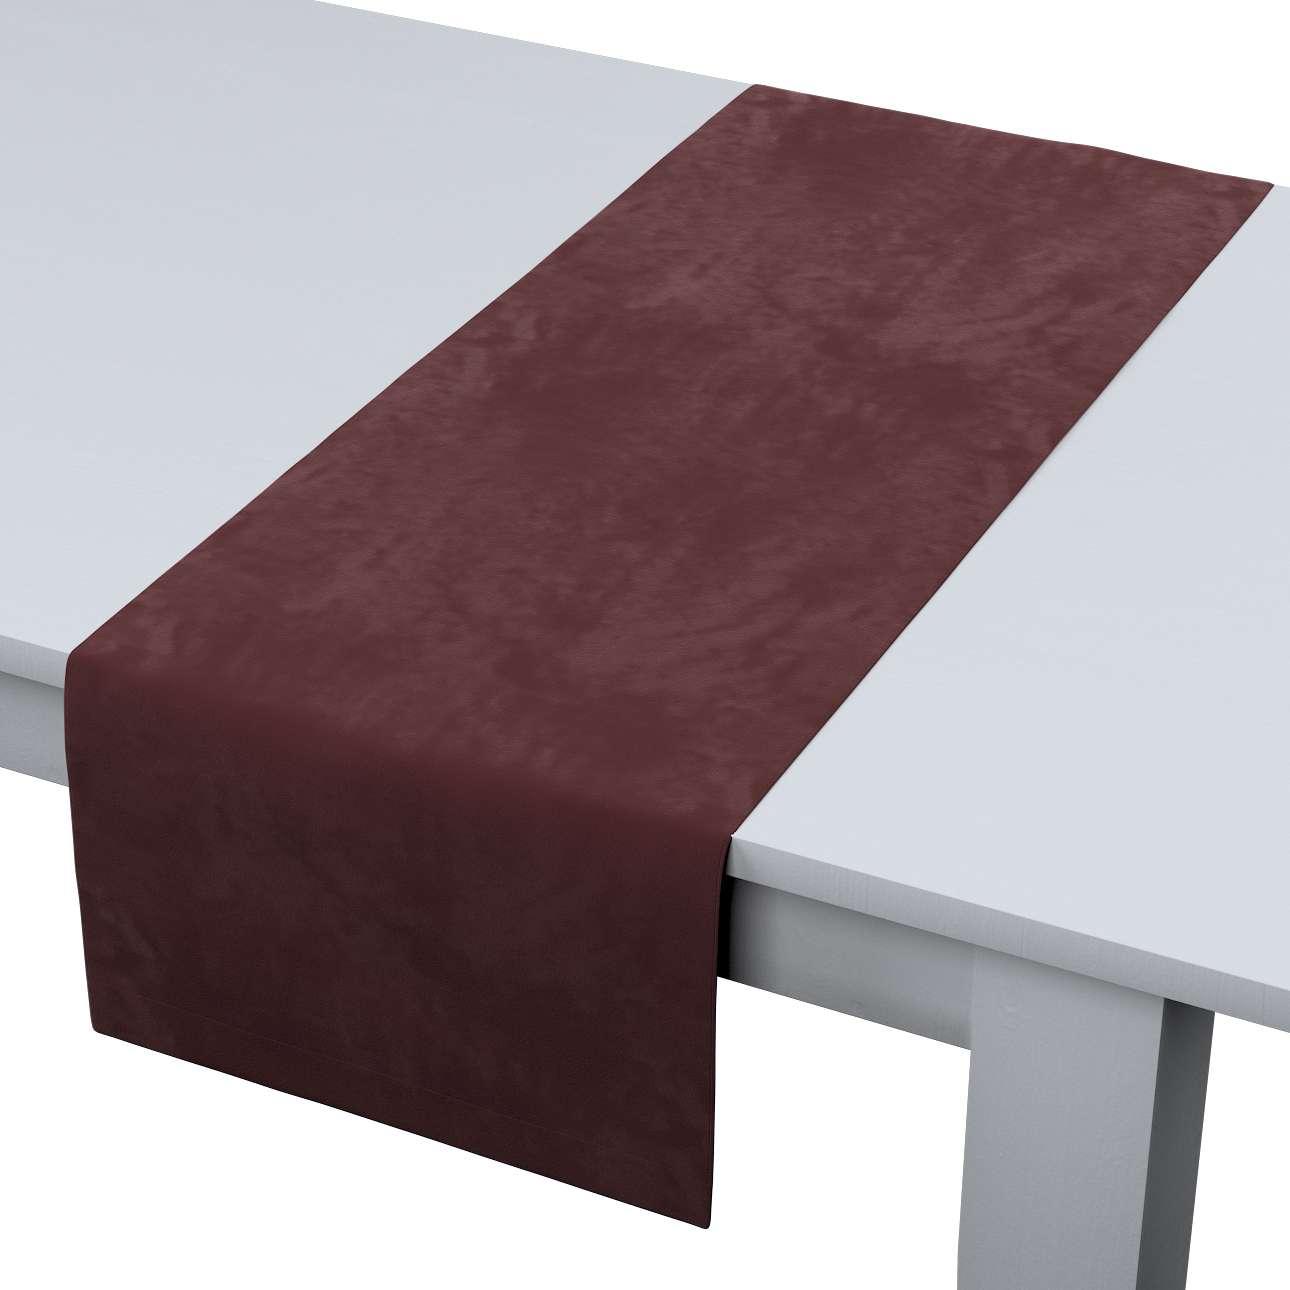 Bieżnik prostokątny w kolekcji Velvet, tkanina: 704-26